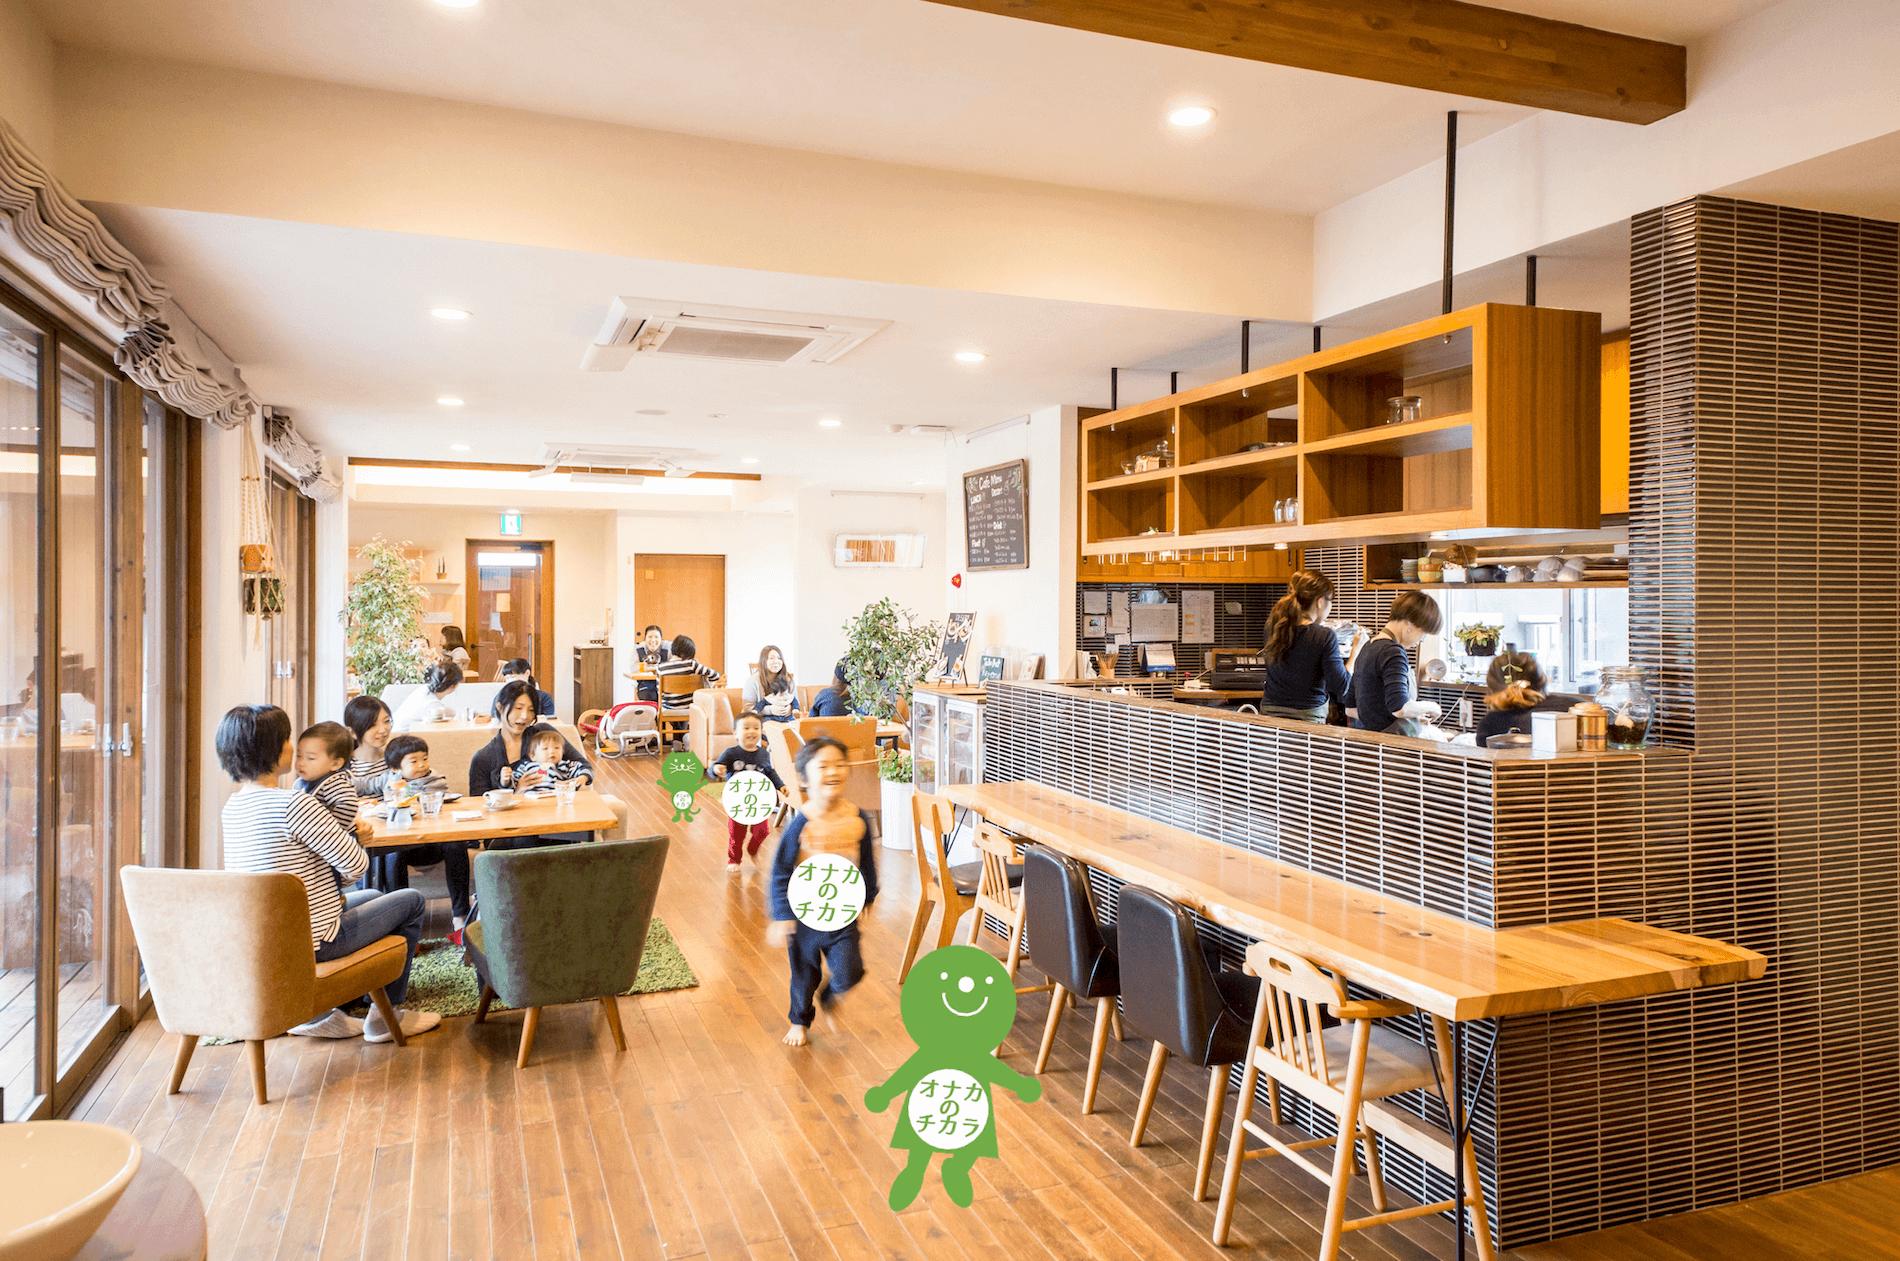 金沢子育てカフェ・ウッドスタイルカフェ内観2 2